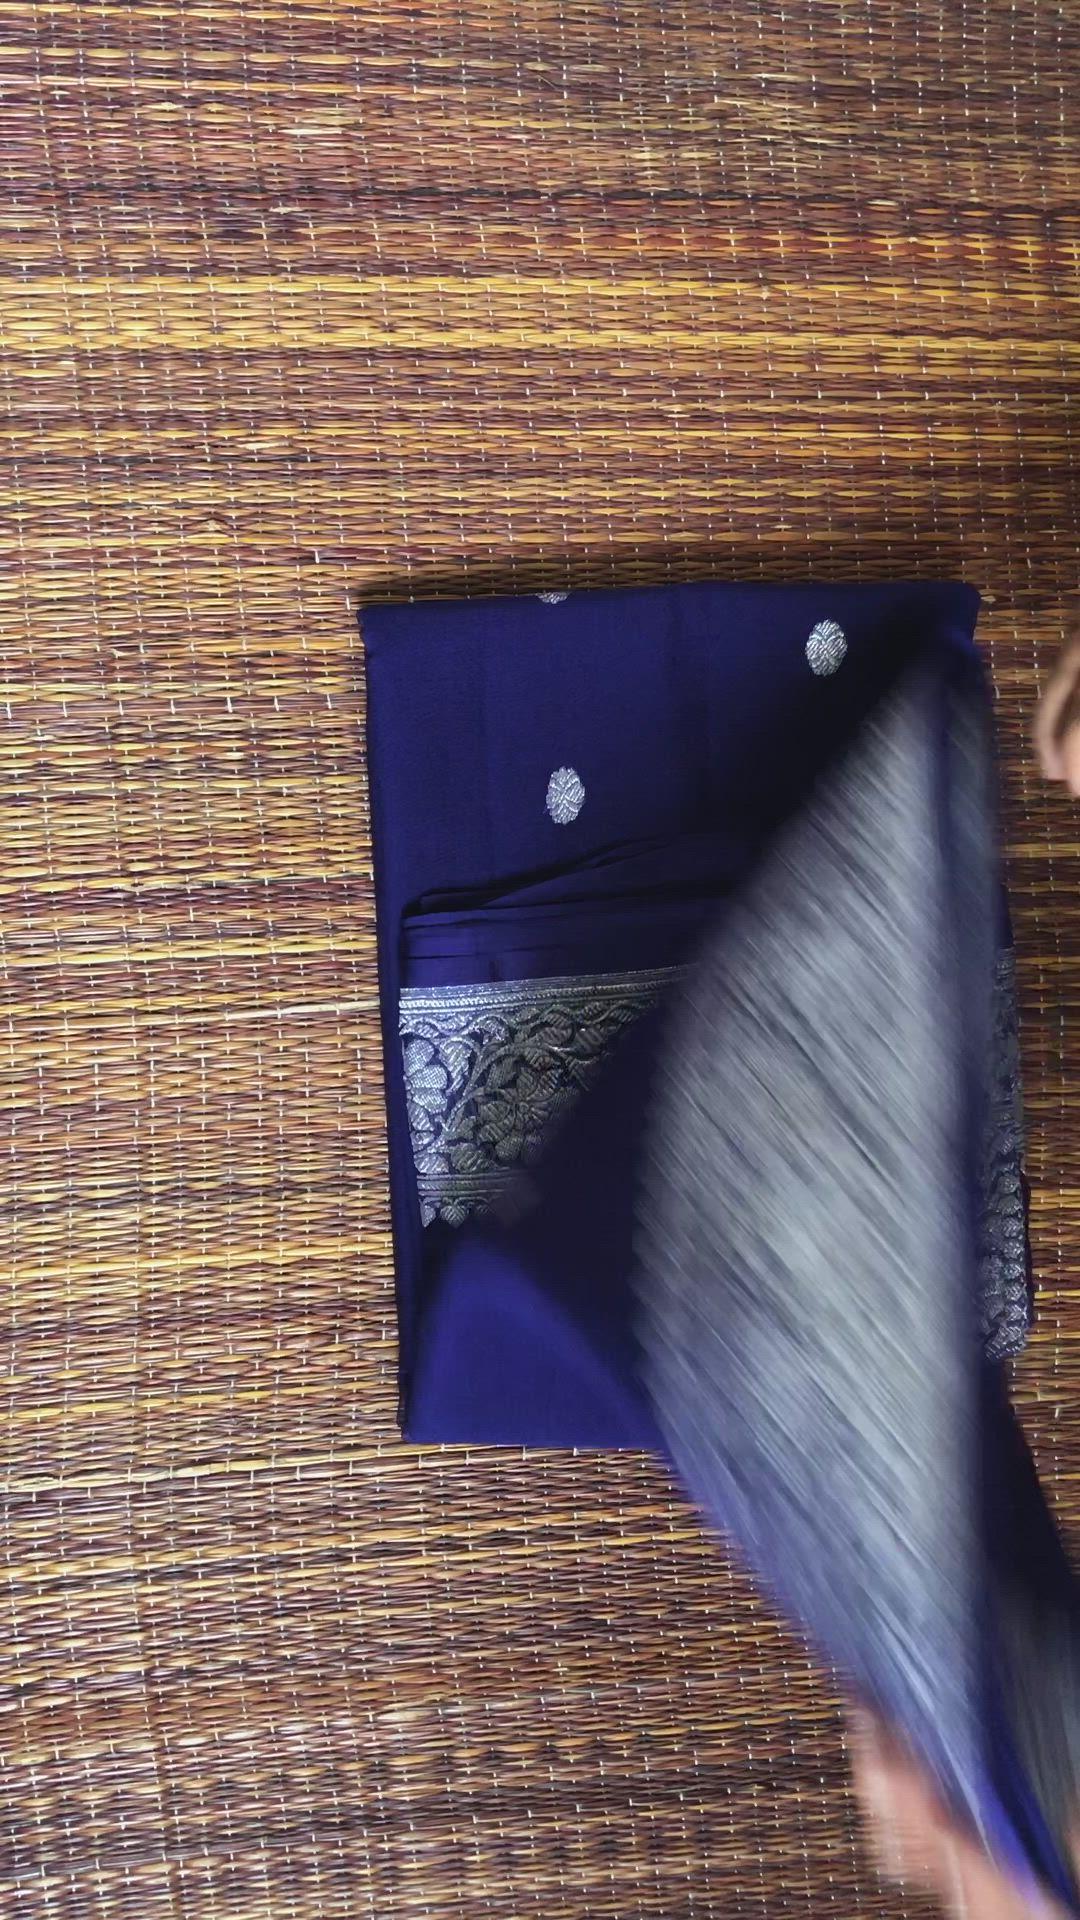 Khaddi Silk Banarsee Saree Chiffon Zari Weddingsaree Kerala Southindianwedding Video Chiffon Saree Saree Tassels Designs Saree Tassels